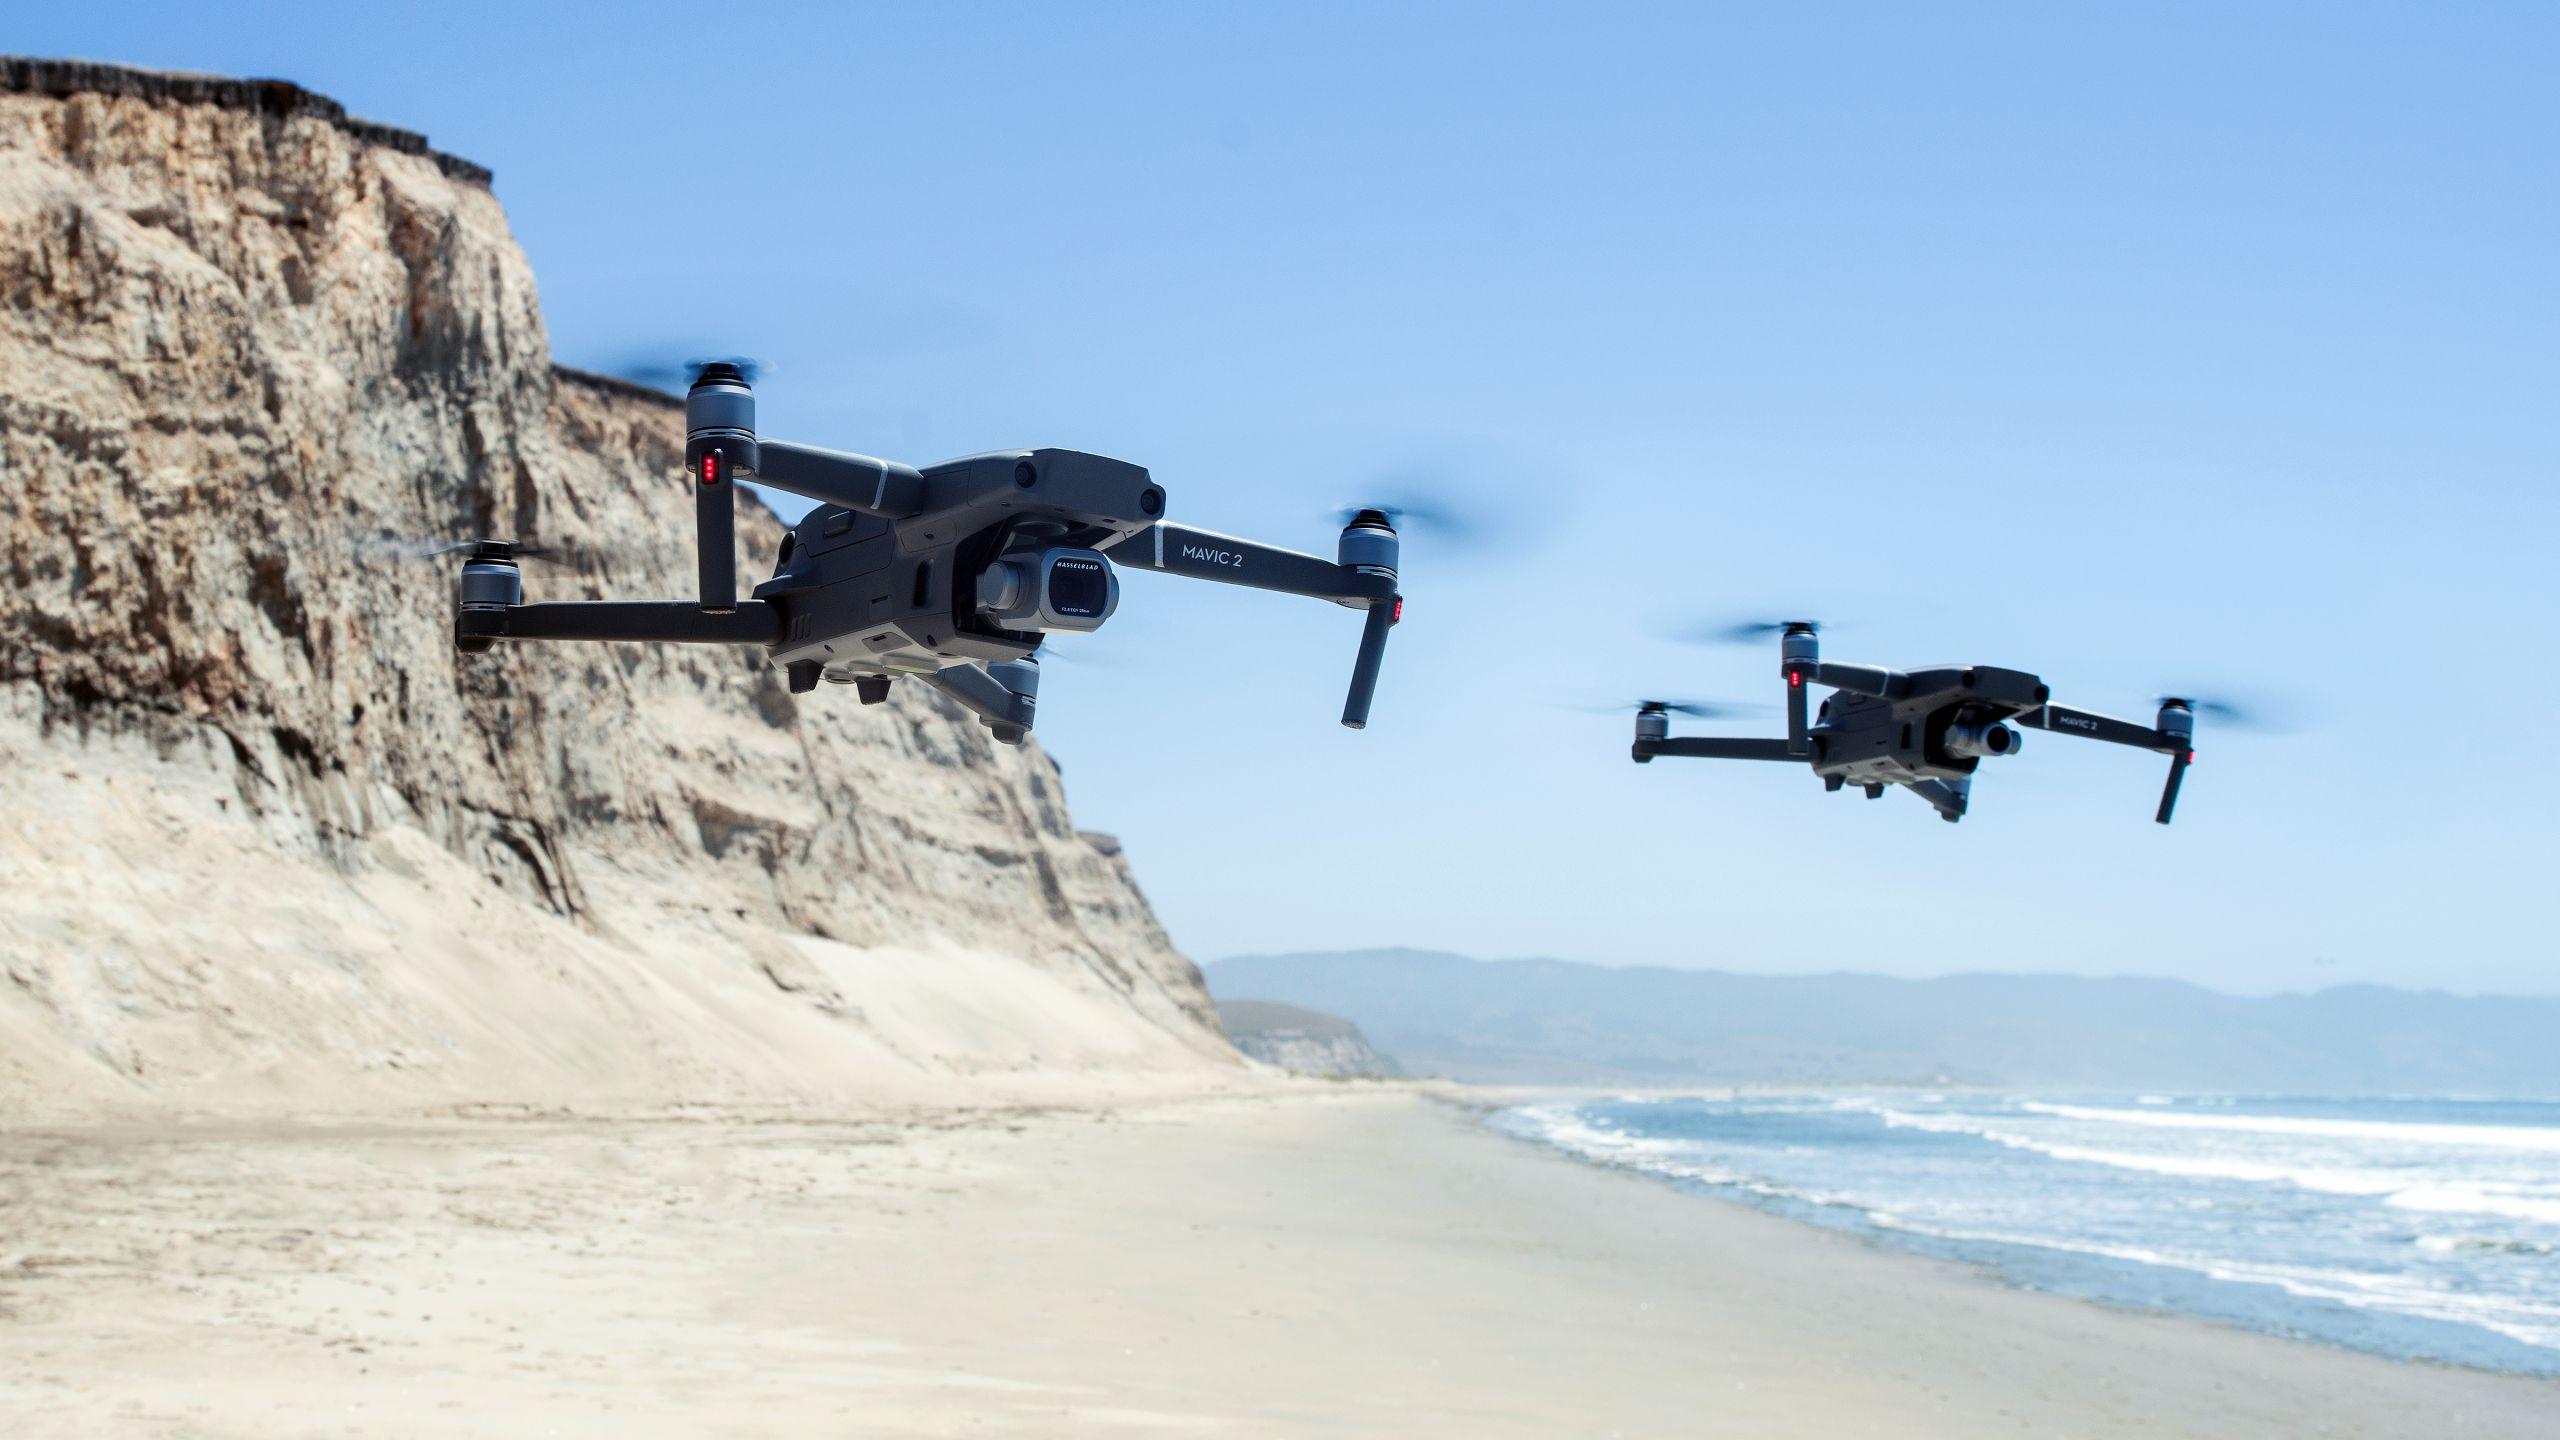 Syma x5sc Explorers 2 Quadricottero - Drone 2.4 Ghz con Telecamera HD e Fotocamera con HEAD FREE